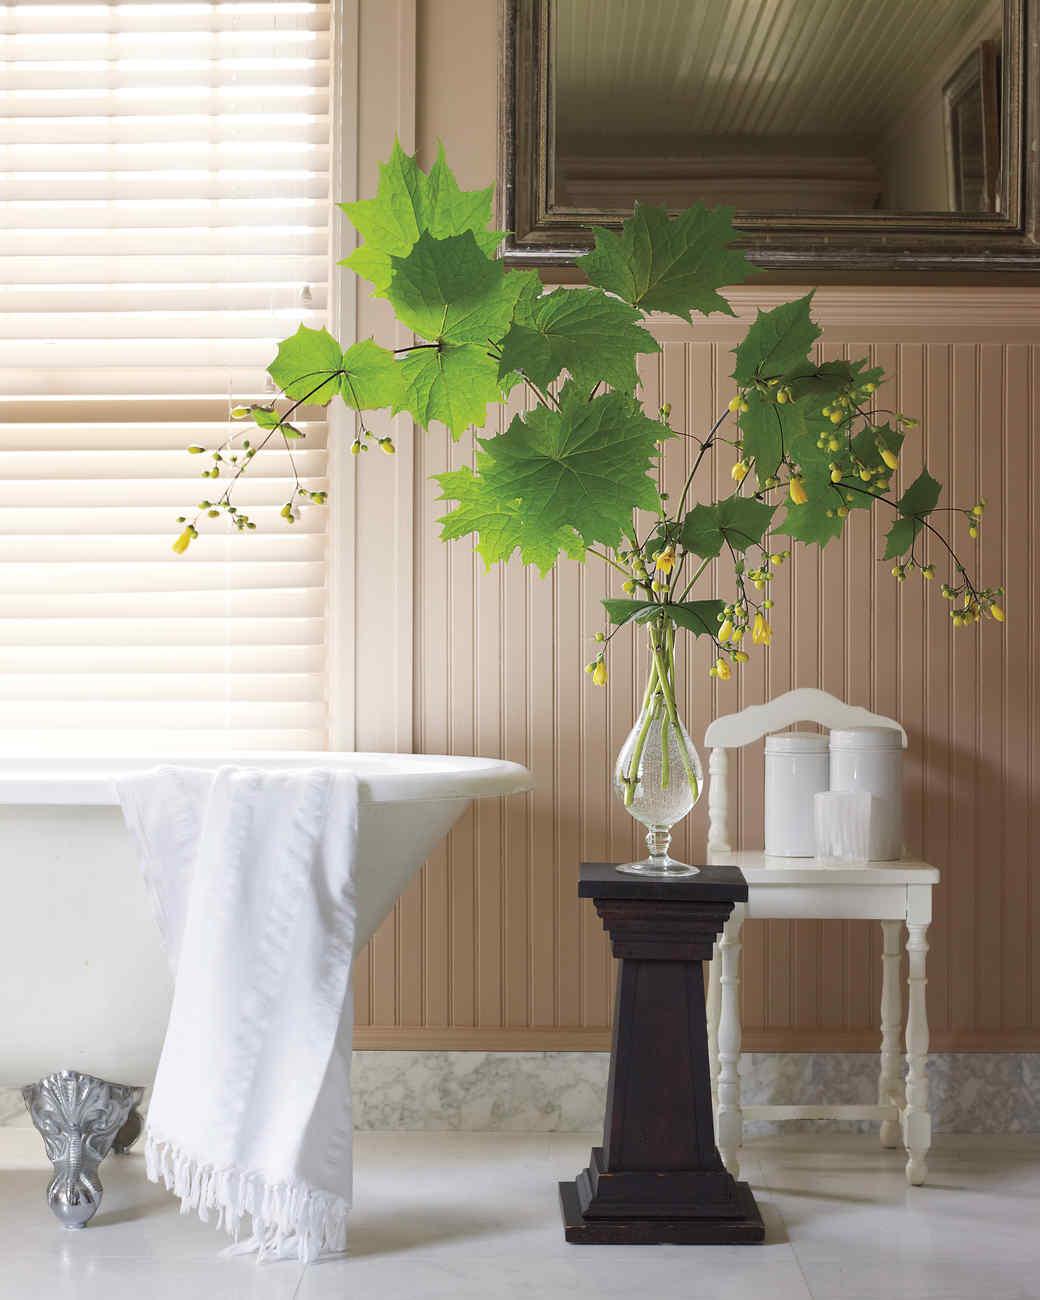 bathtub-019-md109350.jpg